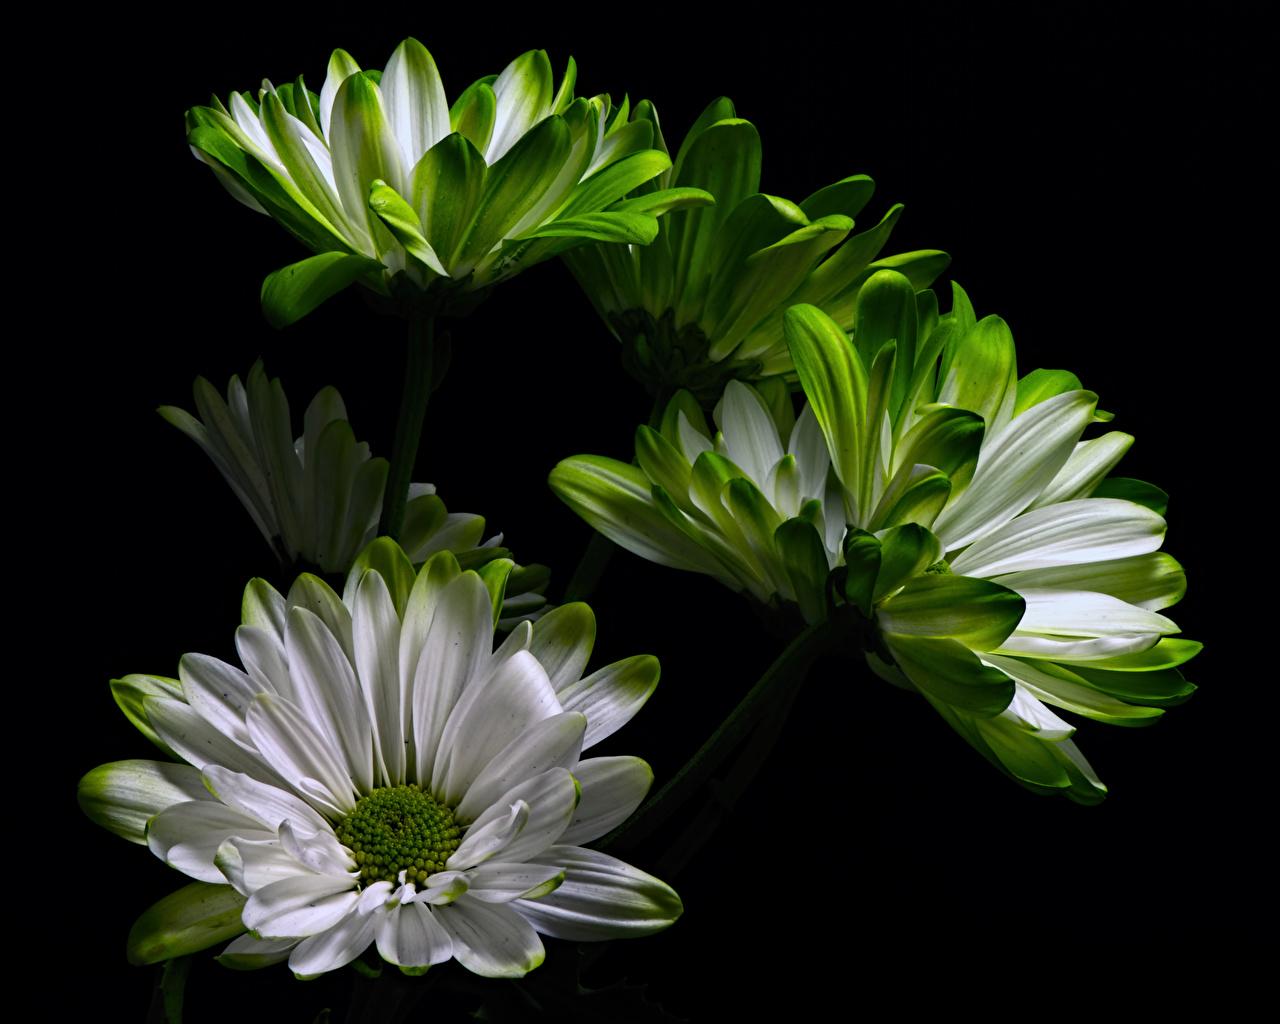 Fotos von Blüte Chrysanthemen hautnah Schwarzer Hintergrund Blumen Nahaufnahme Großansicht